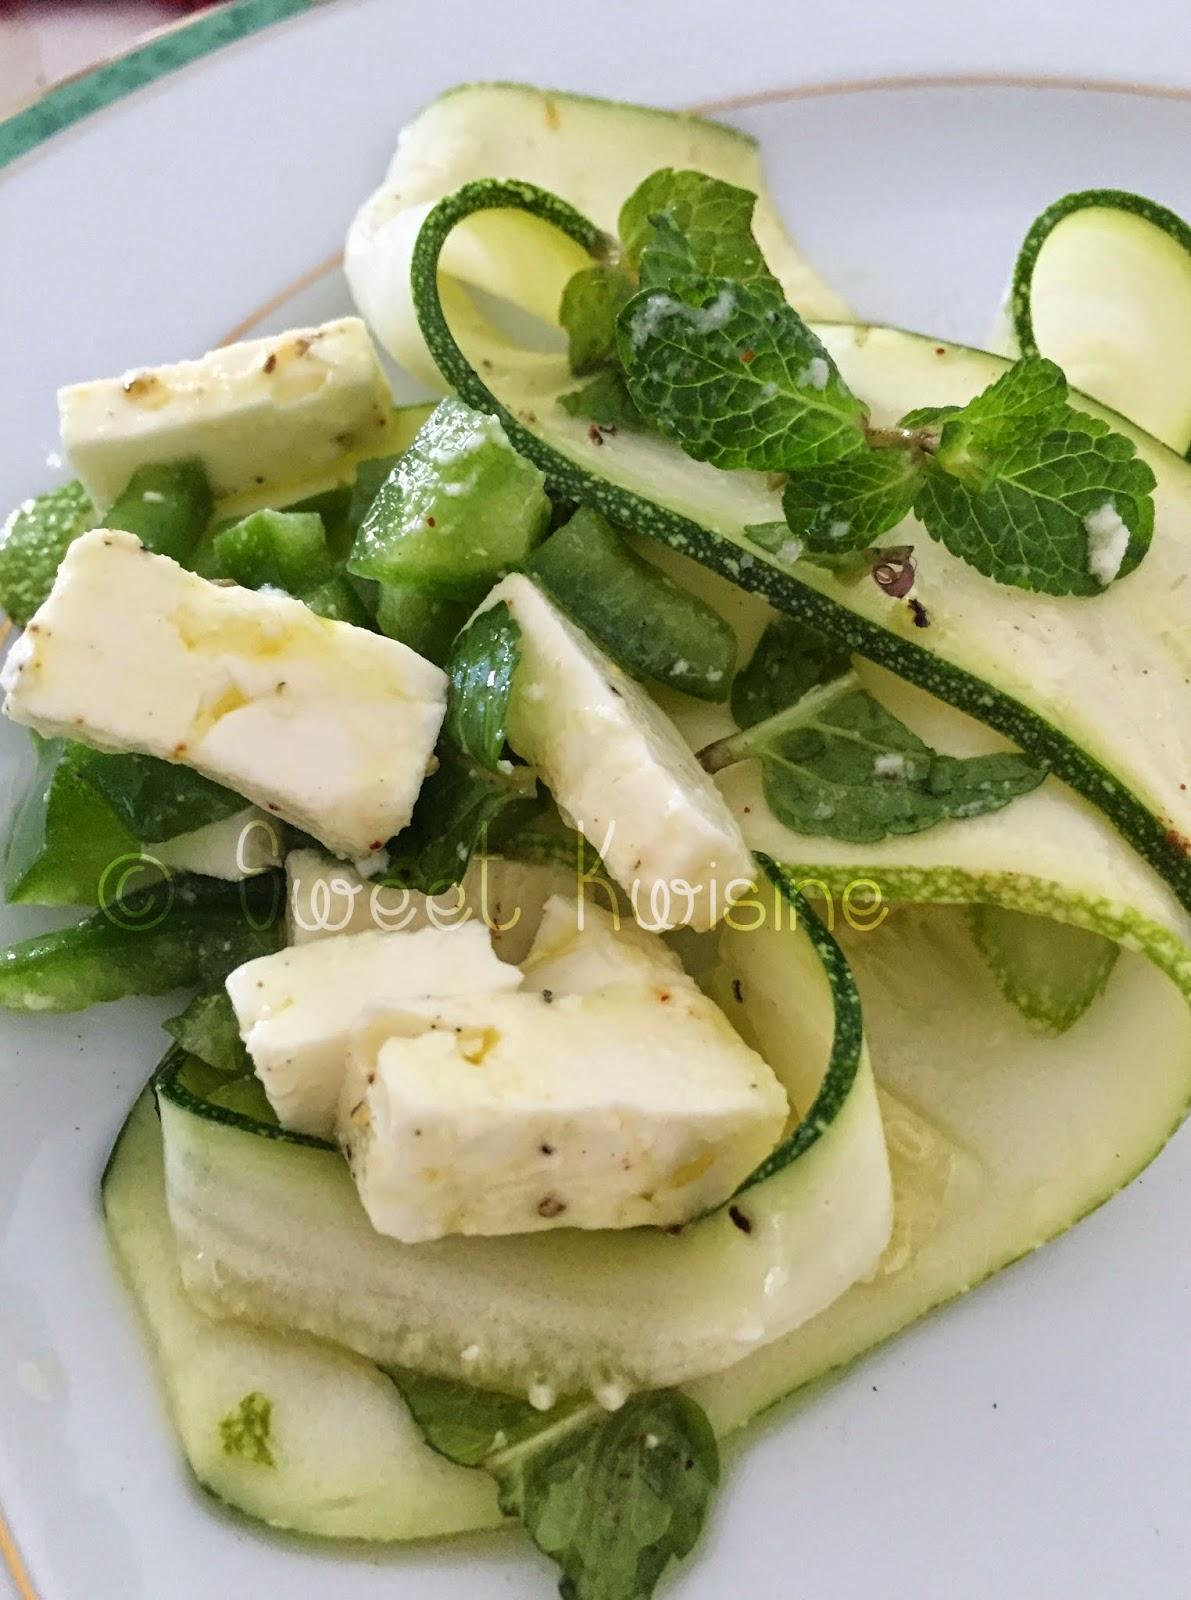 sweet kwisine, jamie oliver, cuisine légère, salade, courgette crue, piment, menthe féta, végétarien